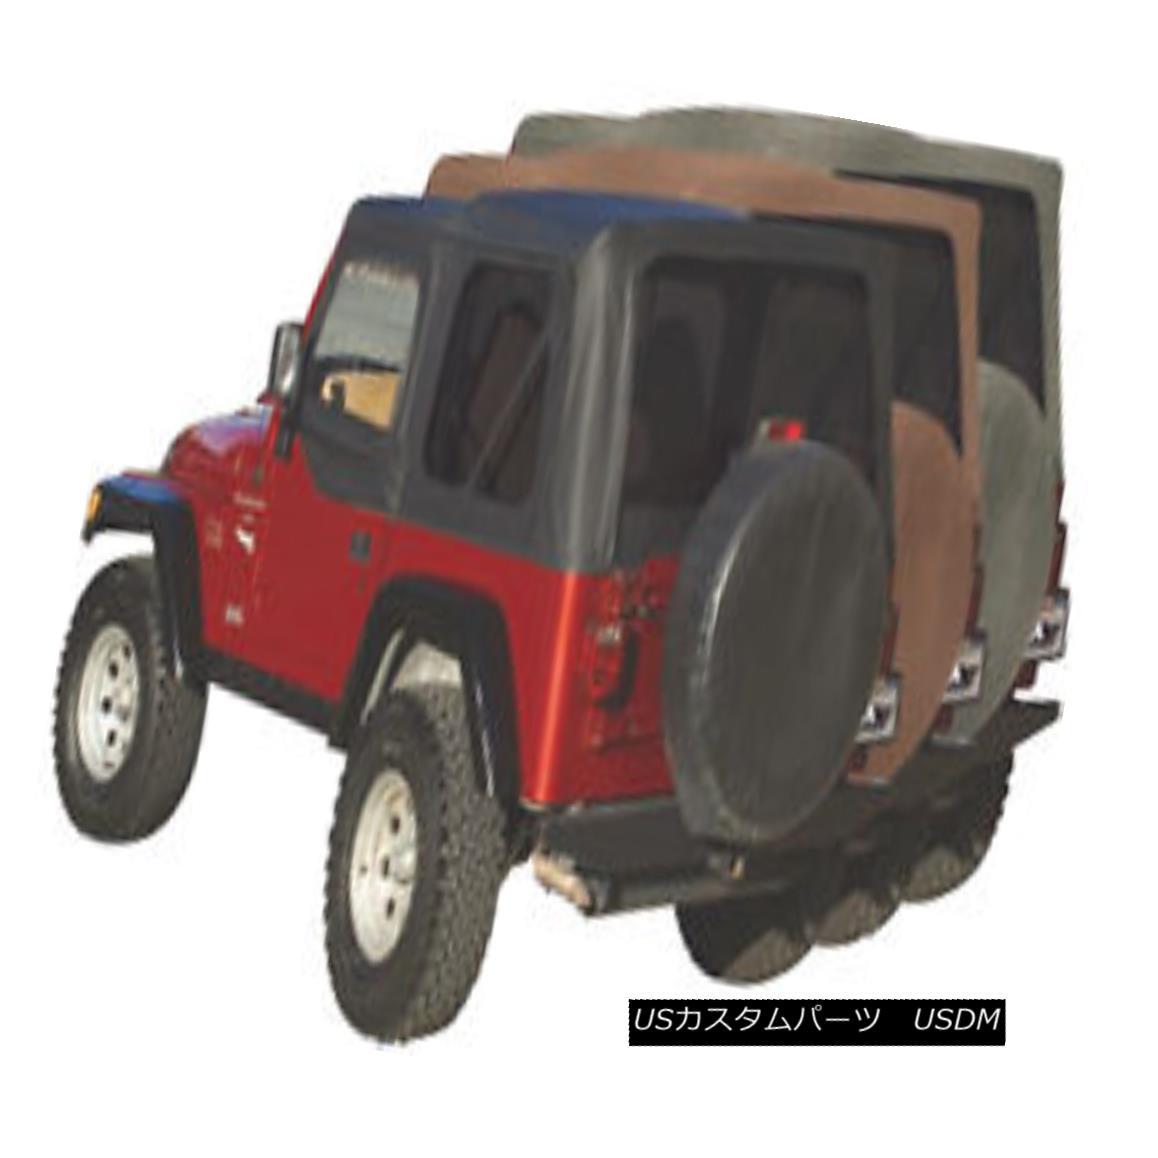 幌・ソフトトップ Rampage Factory Replacement Soft Top 97-06 Jeep Wrangler TJ 99517 Spice Rampage Factory Replacementソフトトップ97-06ジープラングラーTJ 99517 Spice